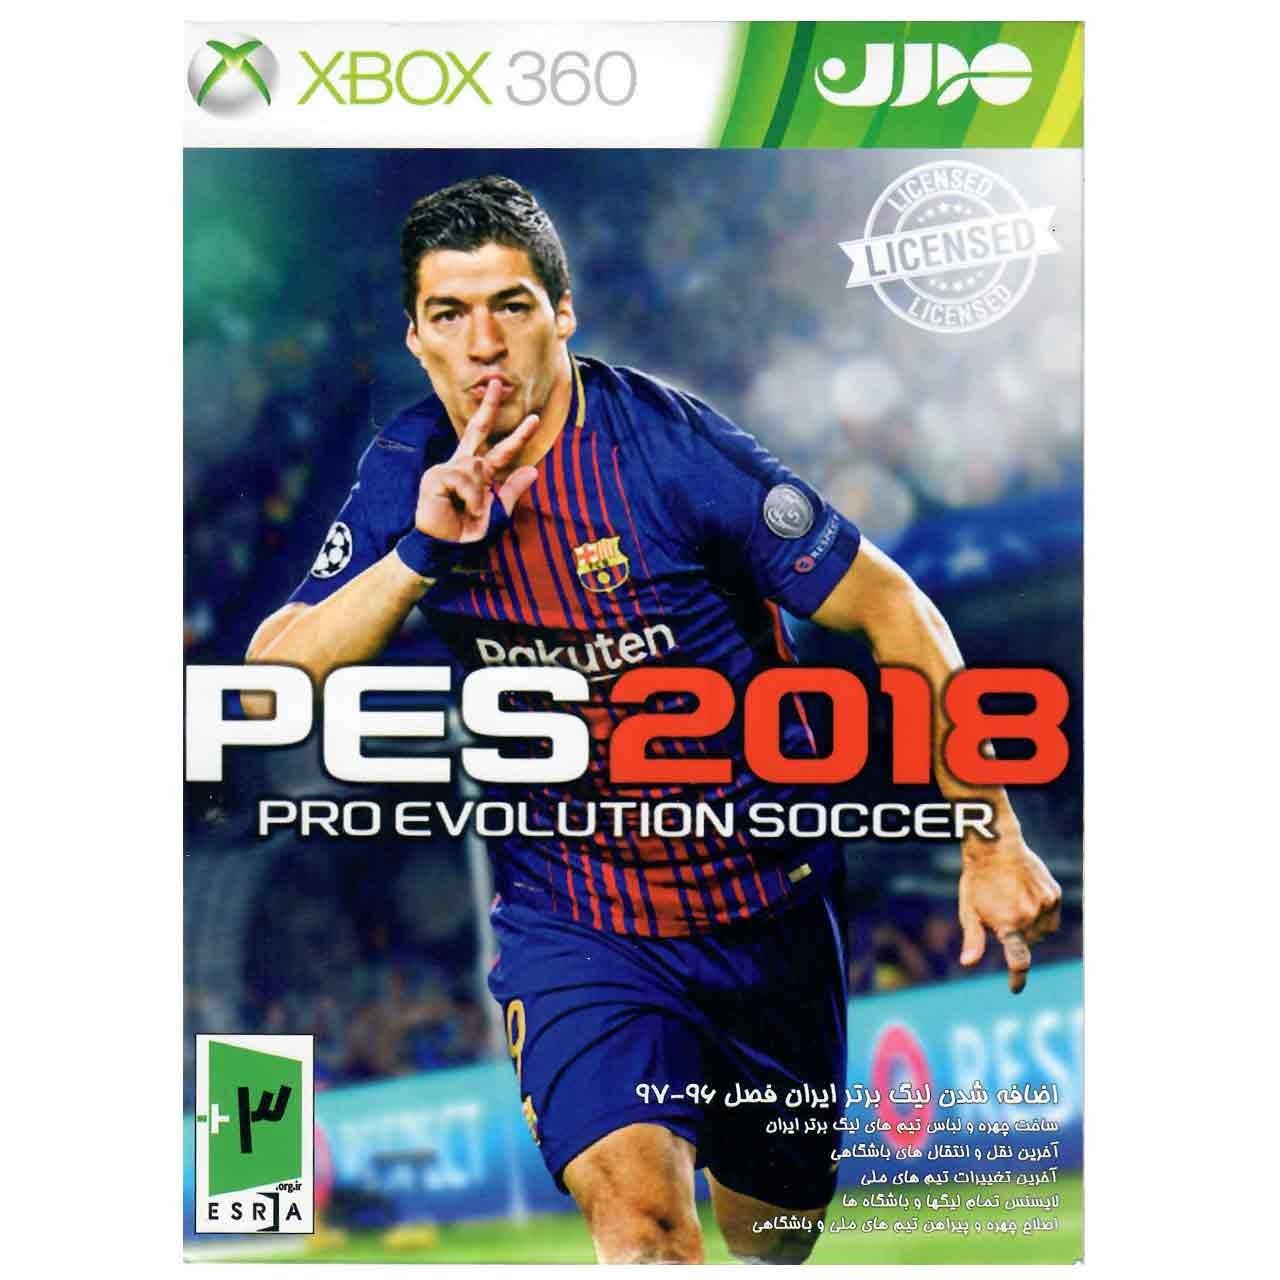 بازی PES 2018 به همراه لیگ برتر 96-97 مخصوص Xbox 360